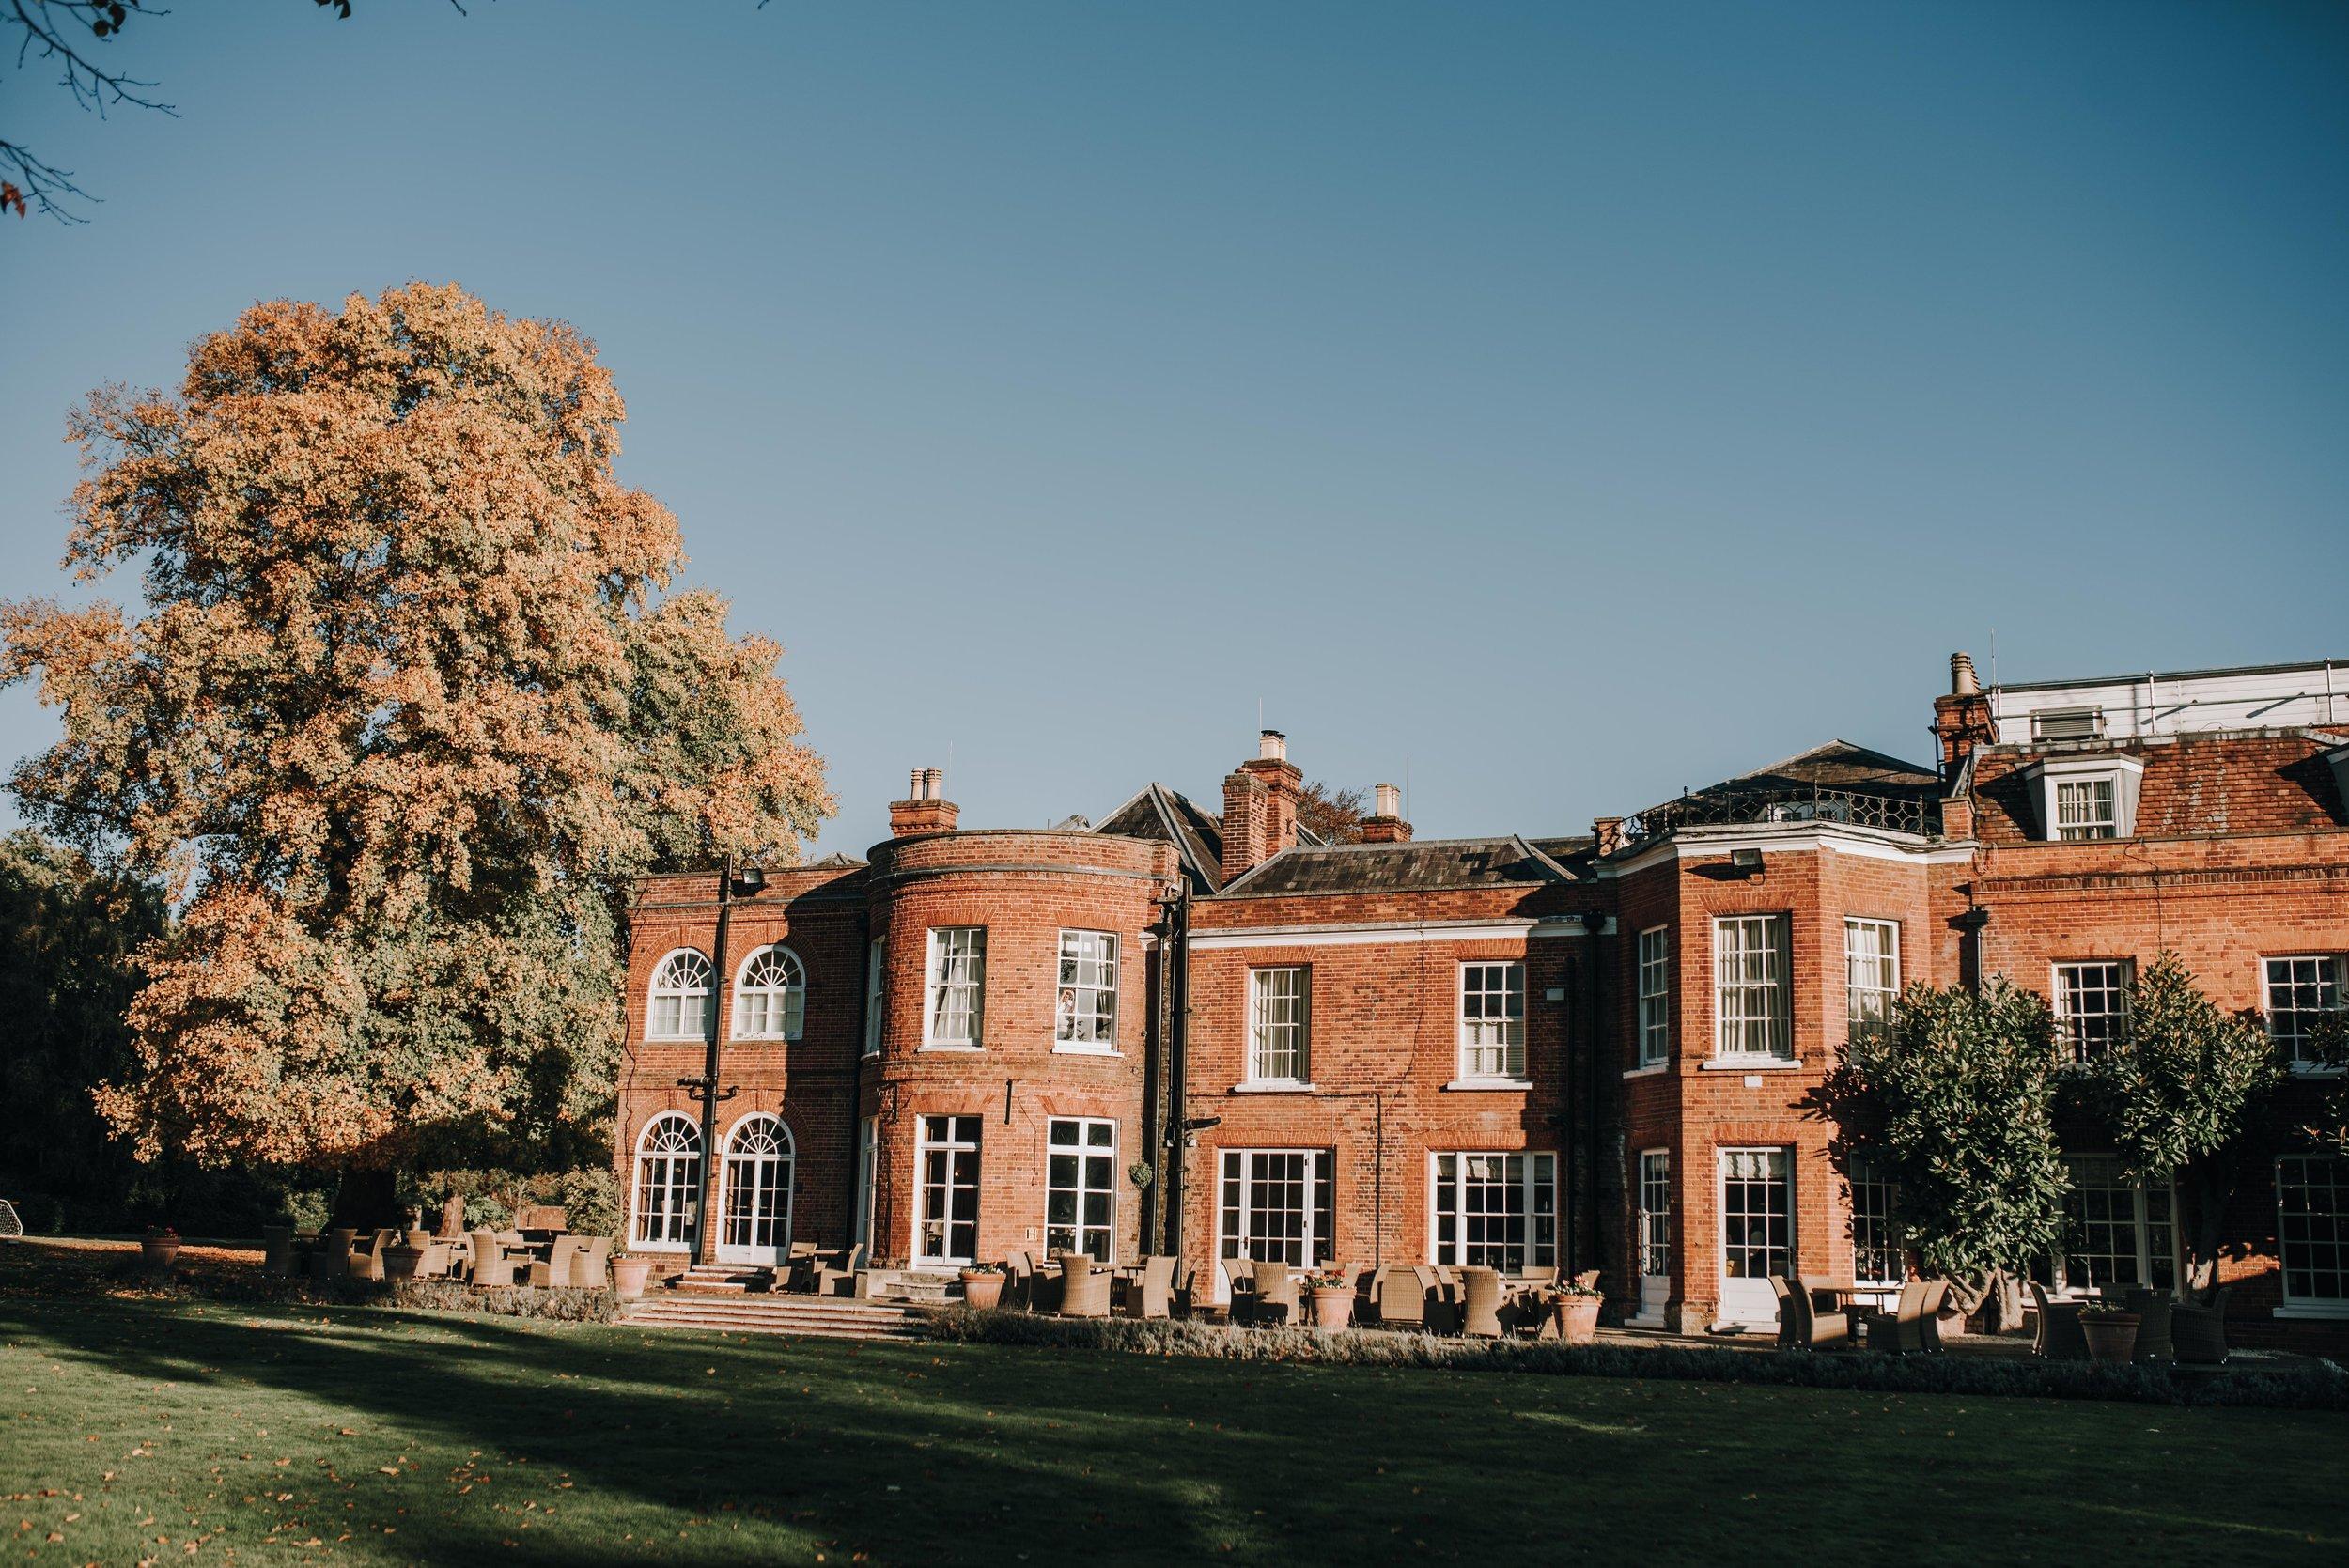 royalberkshirehotel-11.jpg